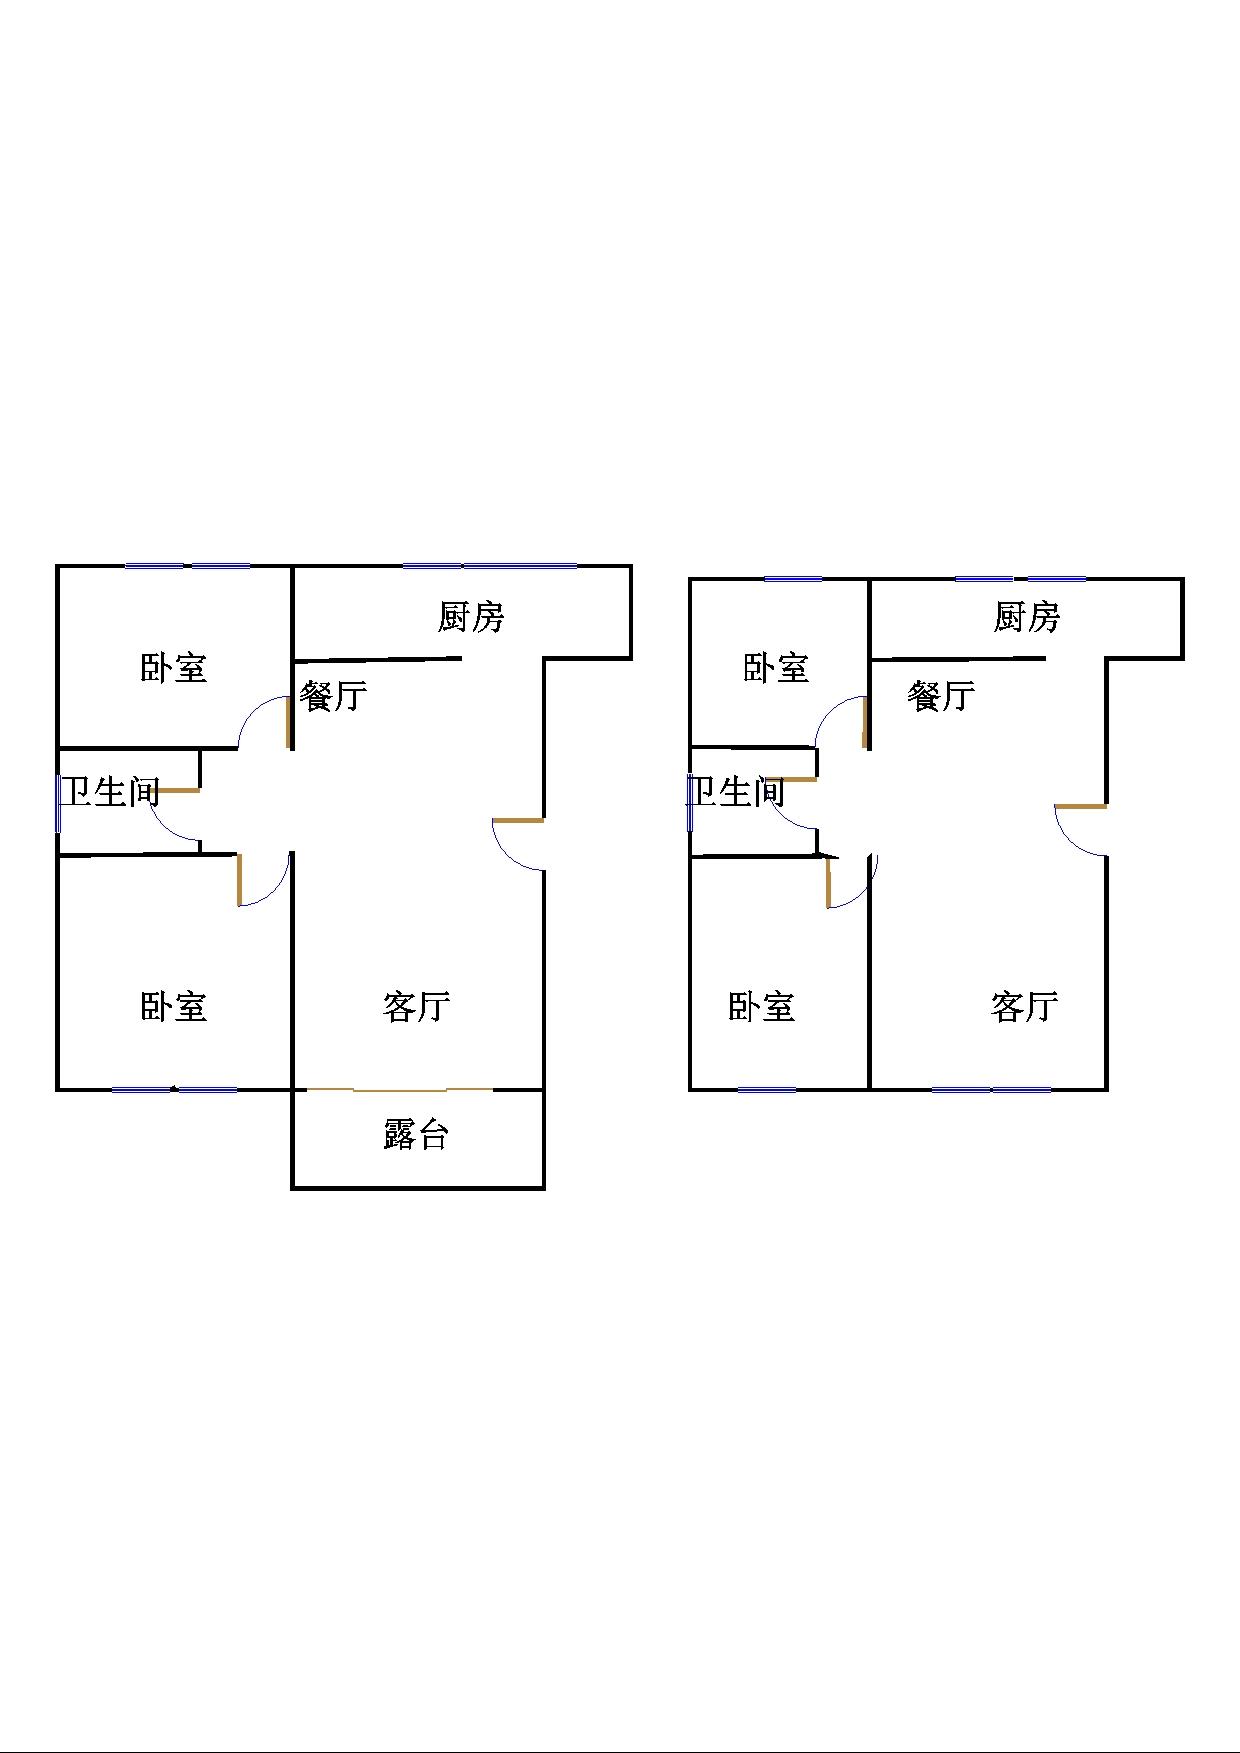 德百玫瑰园 4室3厅 双证齐全 毛坯 195万